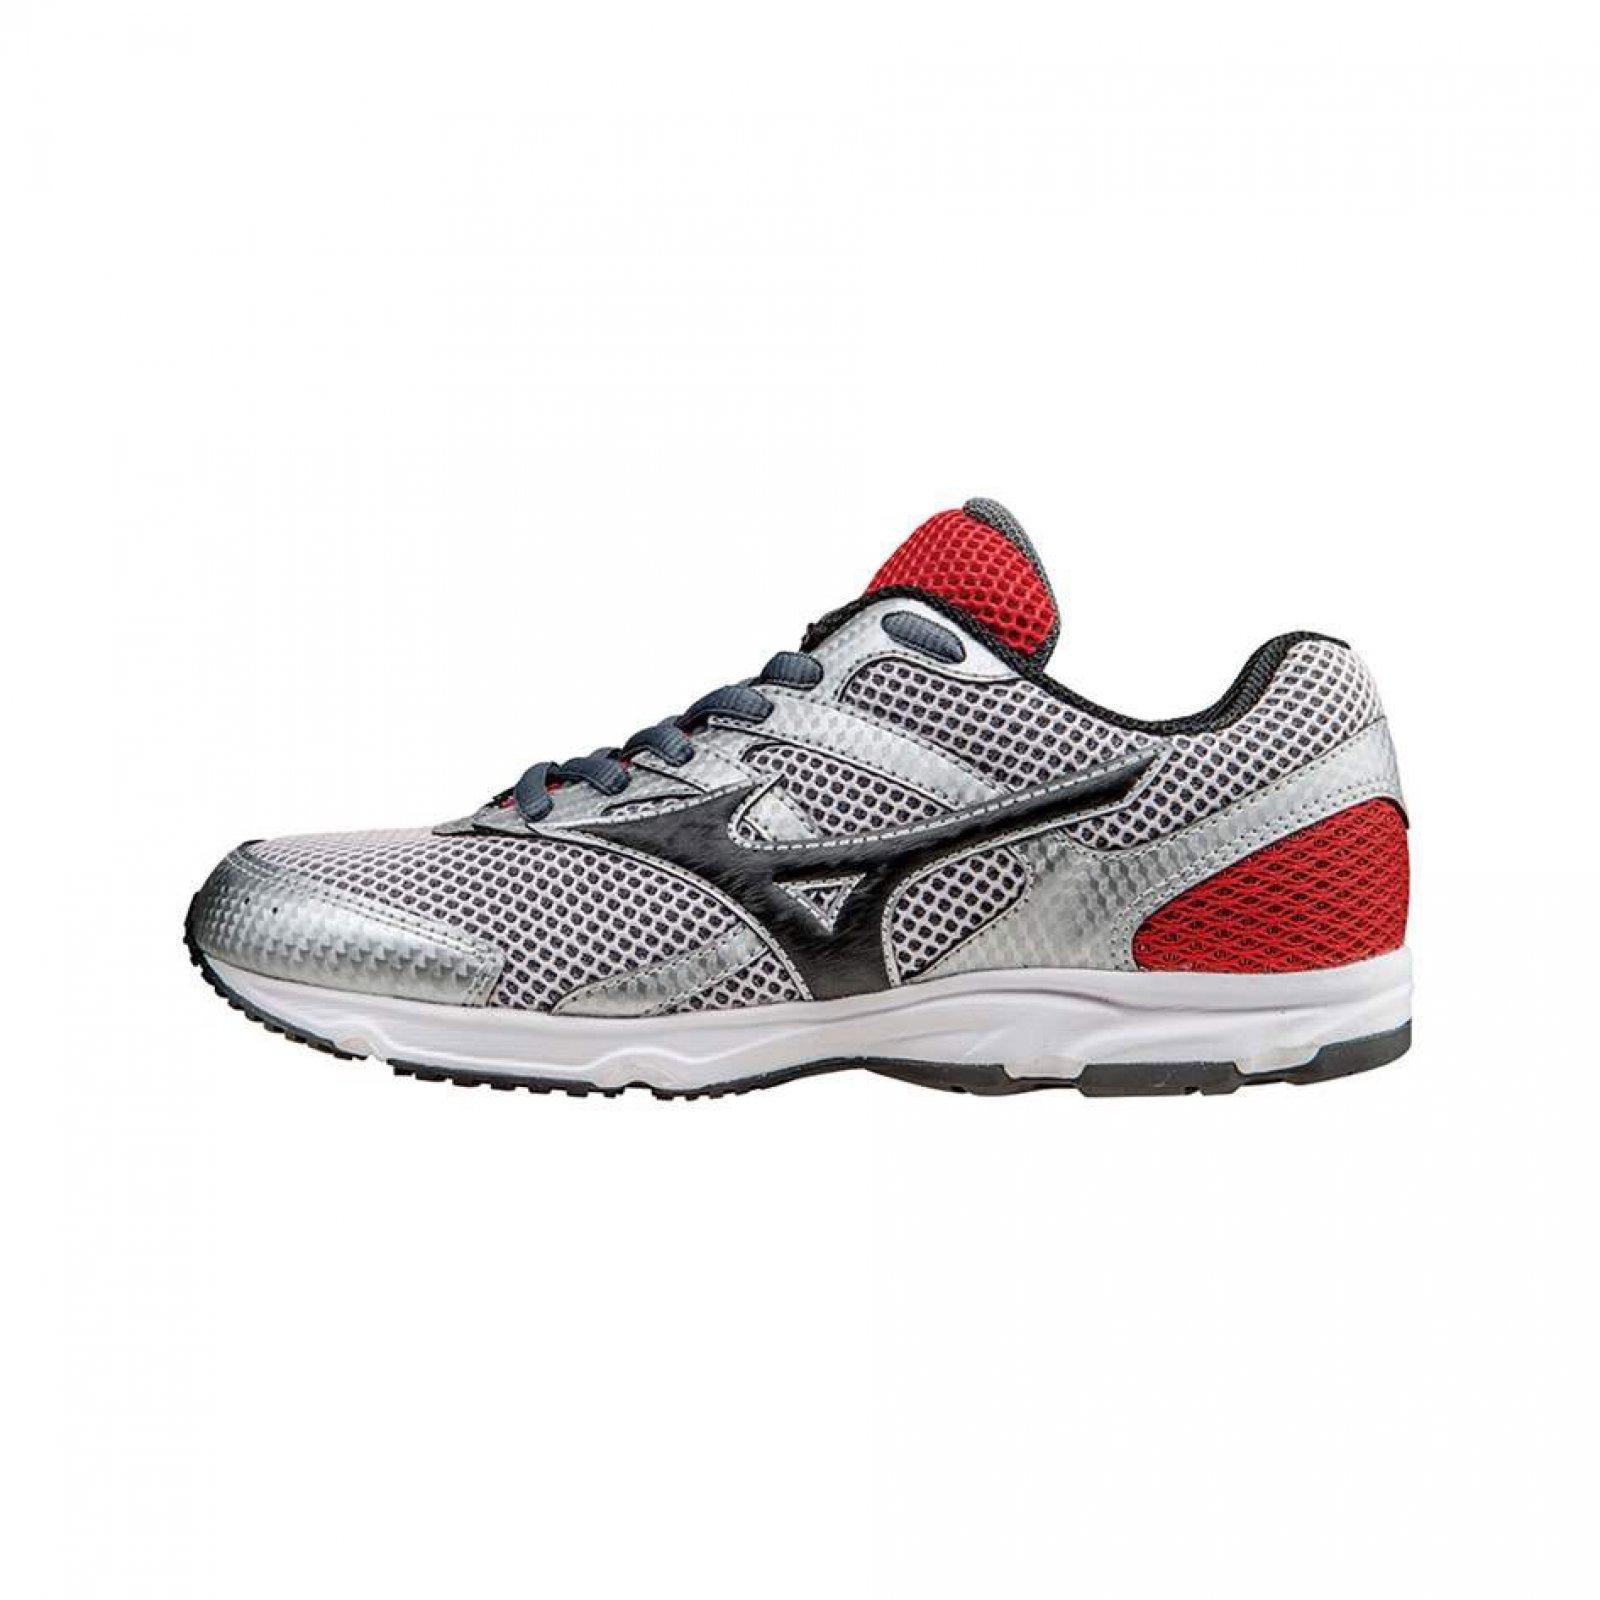 Silniční běžecké boty Mizuno Spark JR K1GC162609 - Actisport.cz d34f79a98f